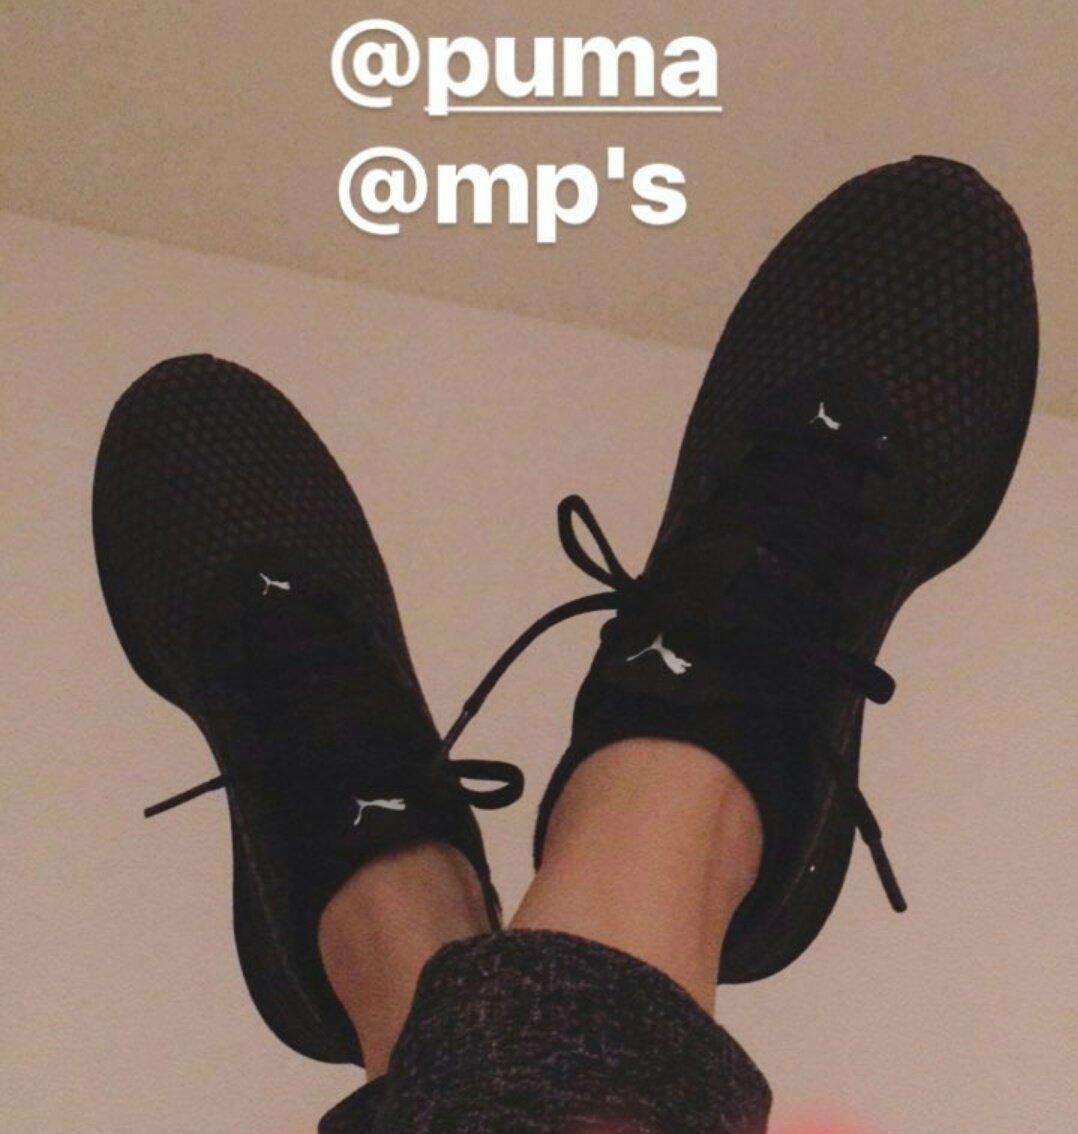 je les veux  #chaussures #mps #MWT #MyWay #puma #mpokora #mattpokora<br>http://pic.twitter.com/vMd2UFhMHK